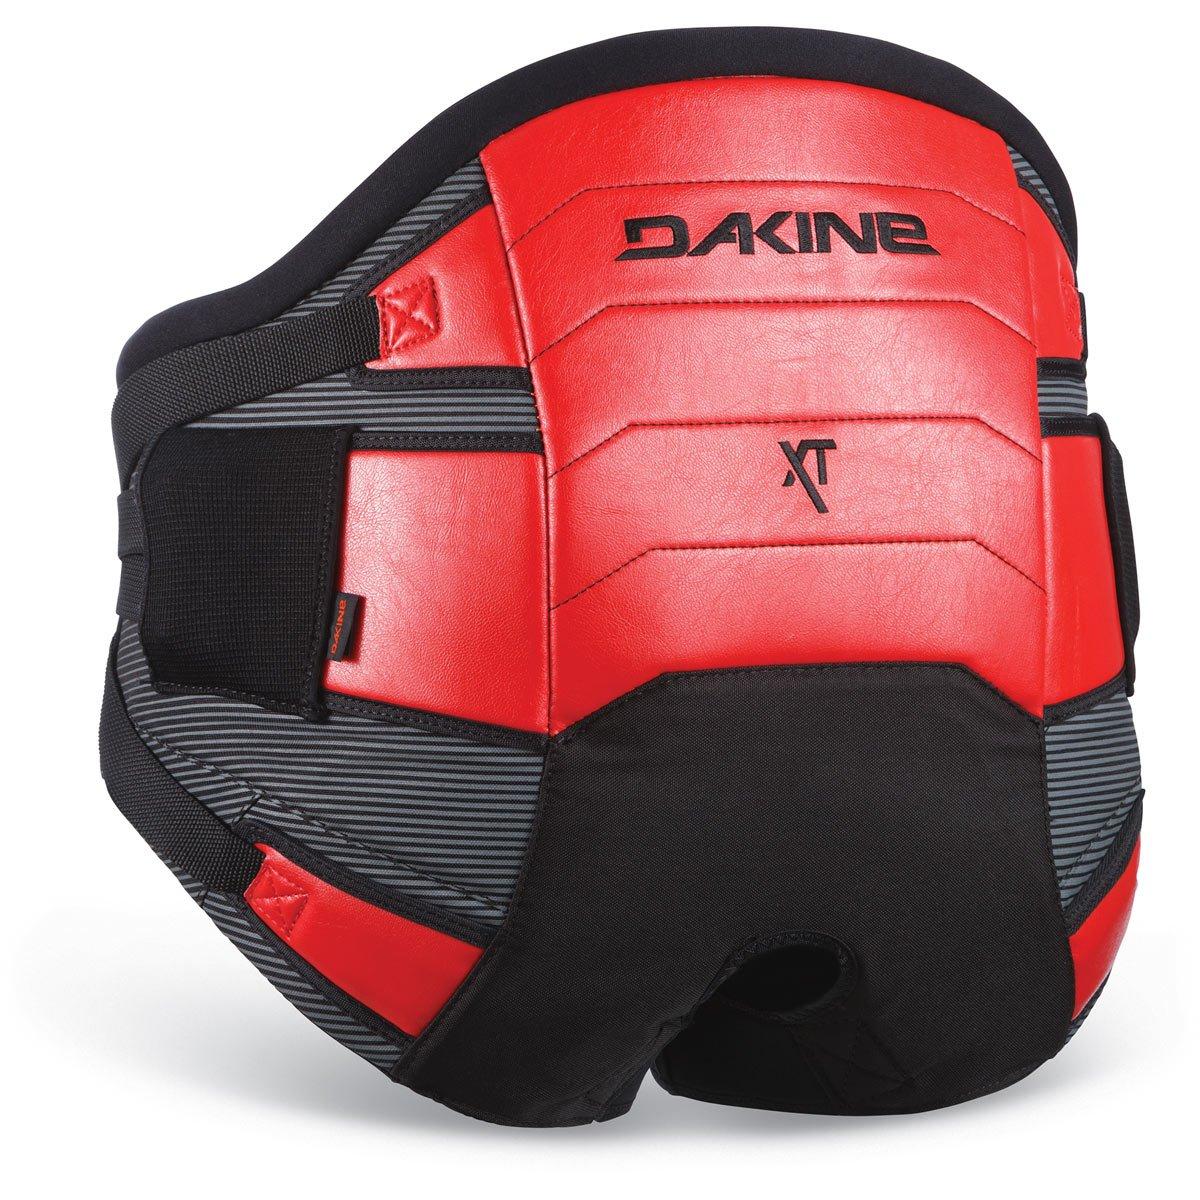 Dakine Men's XT Seat Windsurf Harness, Red, S by Dakine